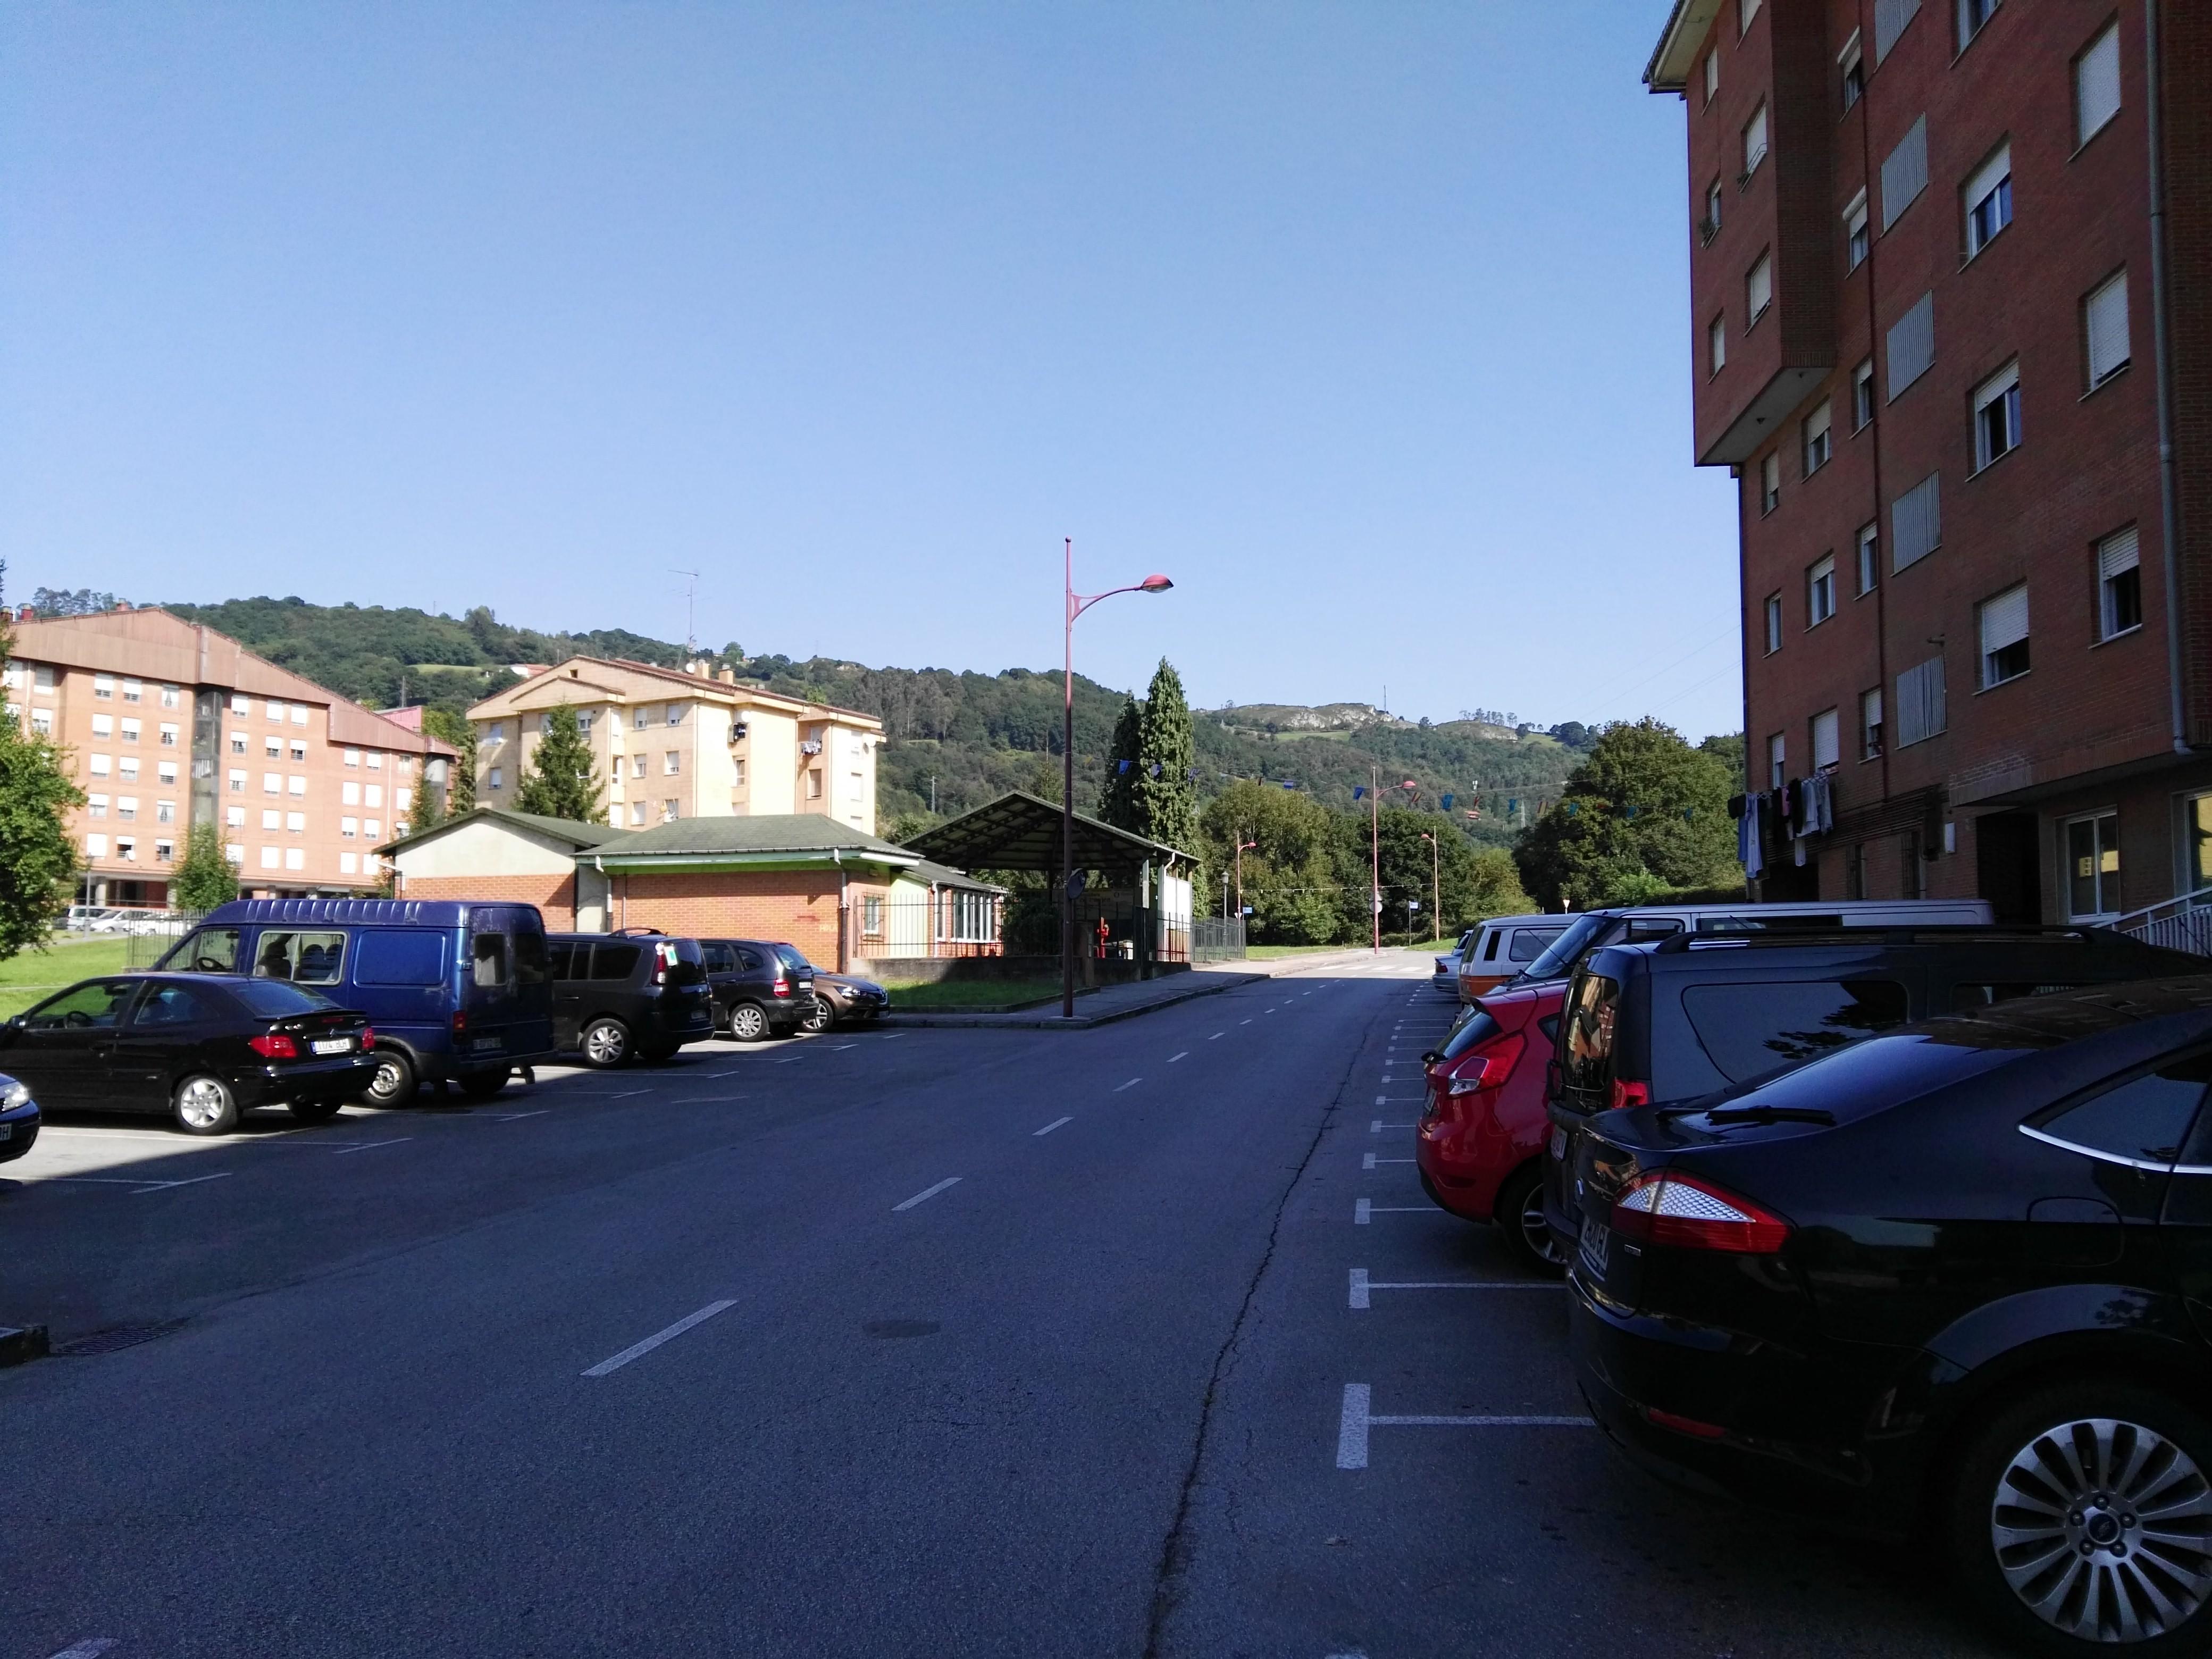 Piso en venta en Langreo, Asturias, Barrio Cocienes, 44.418 €, 3 habitaciones, 1 baño, 85 m2